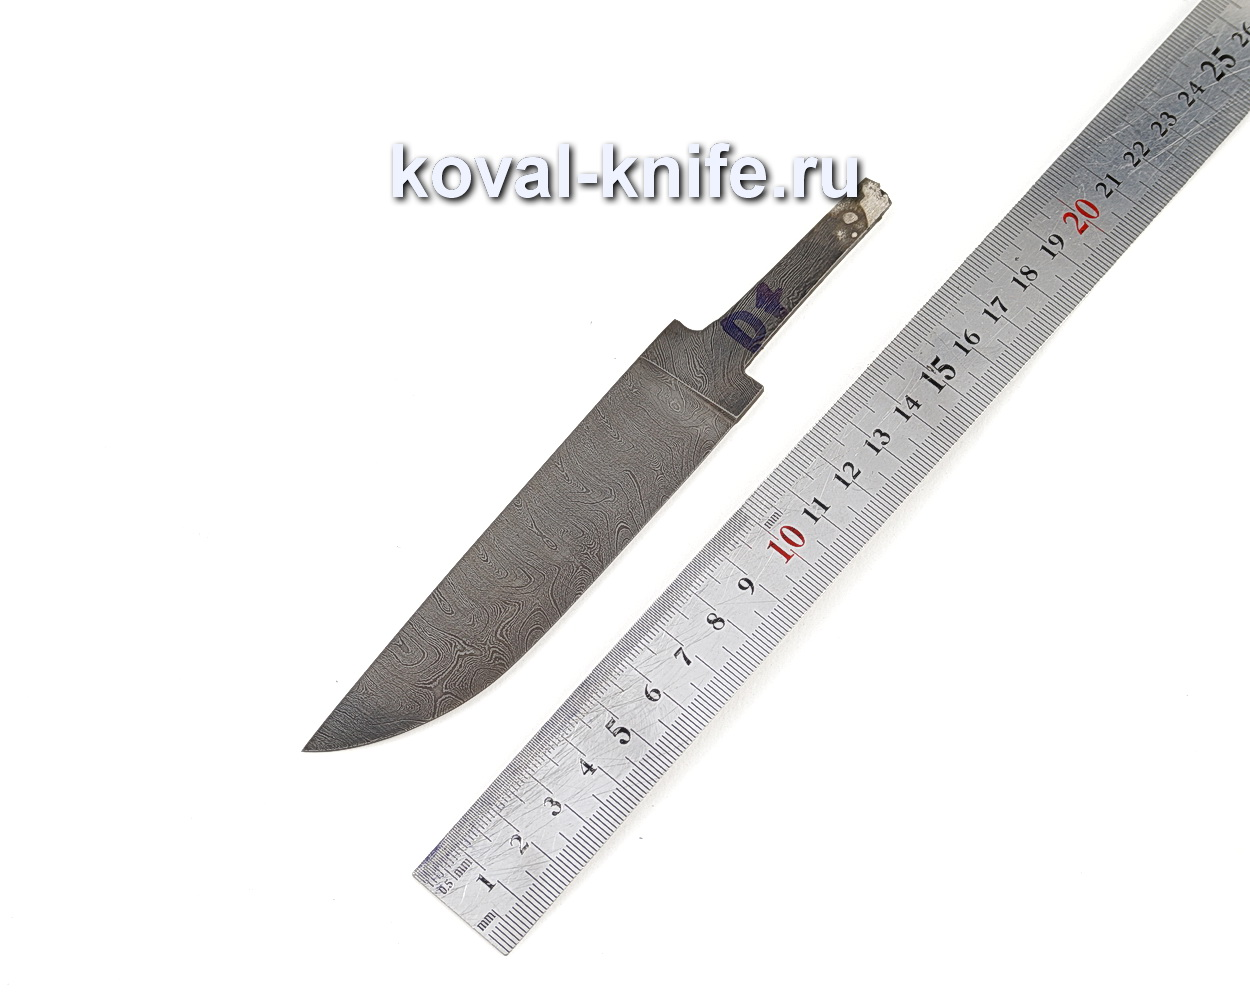 купить клинок для ножа от Кузницы Коваль